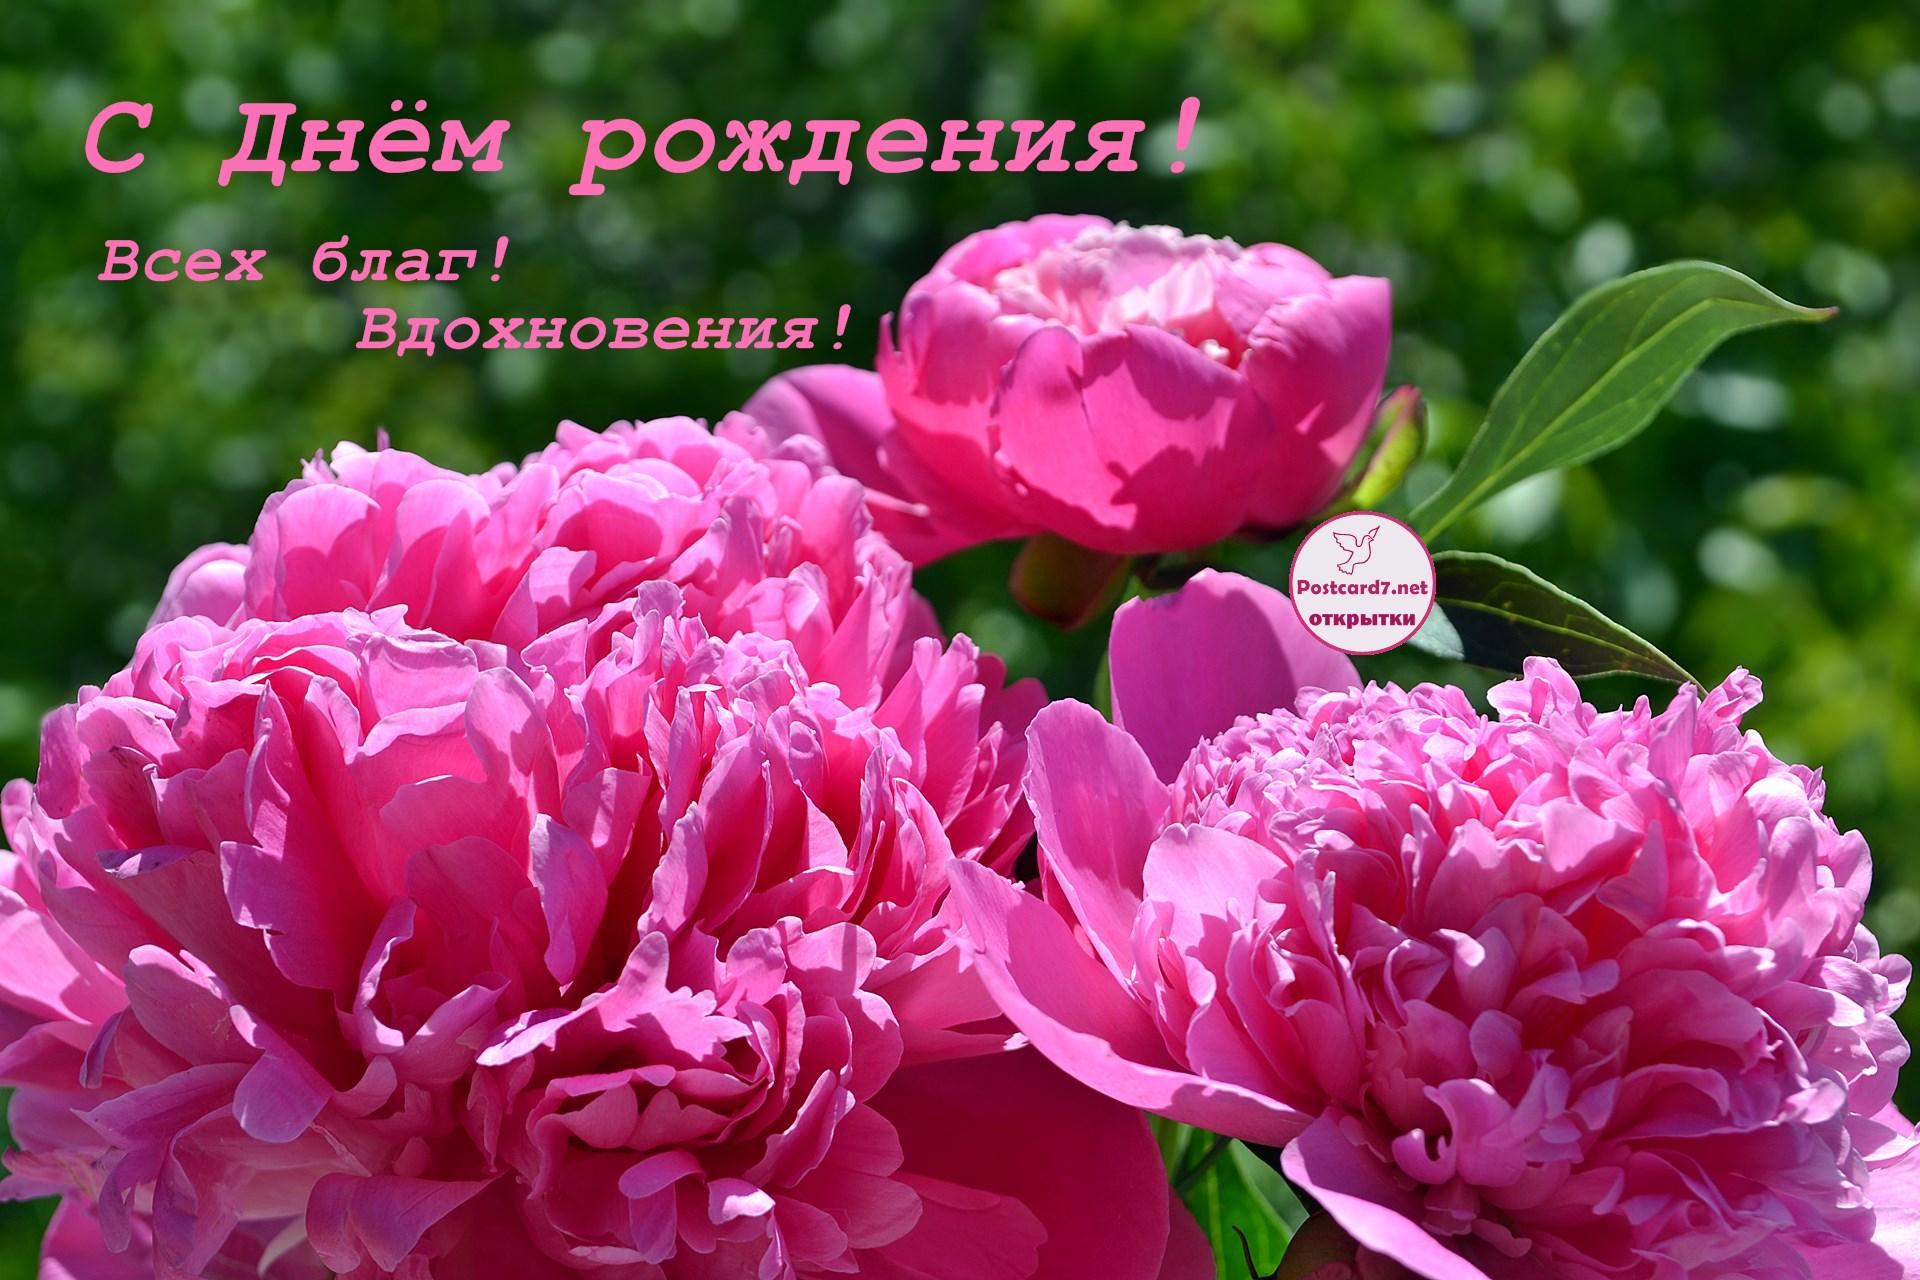 Розовые пионы на зелёном фоне. С Днём рождения!